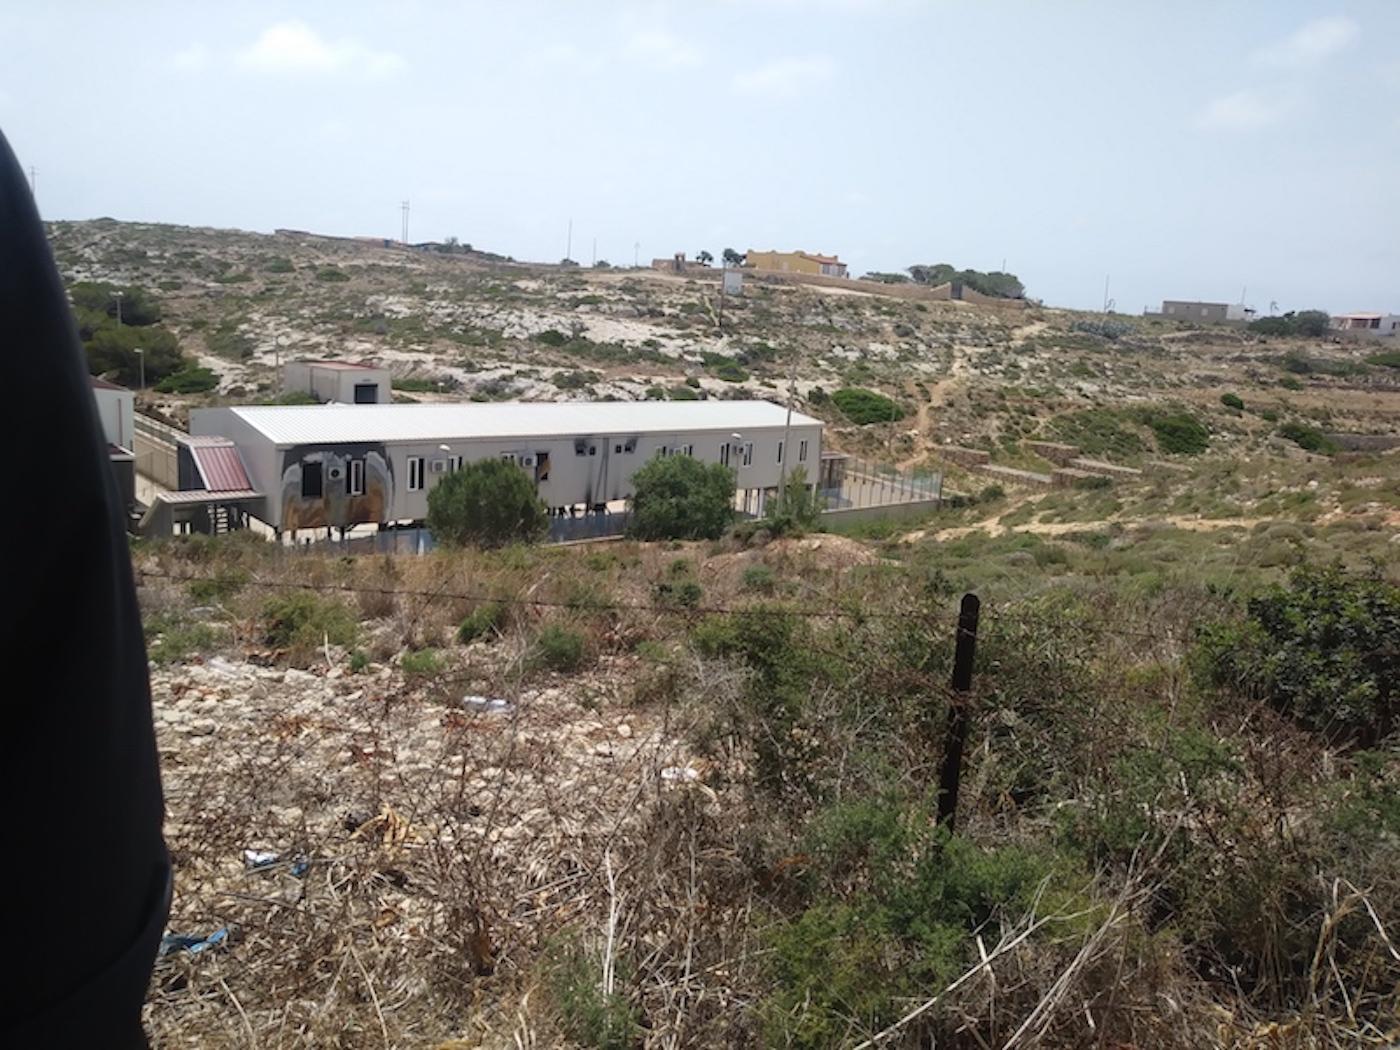 Nuove violazioni dei diritti umani nell'hotspot di Lampedusa